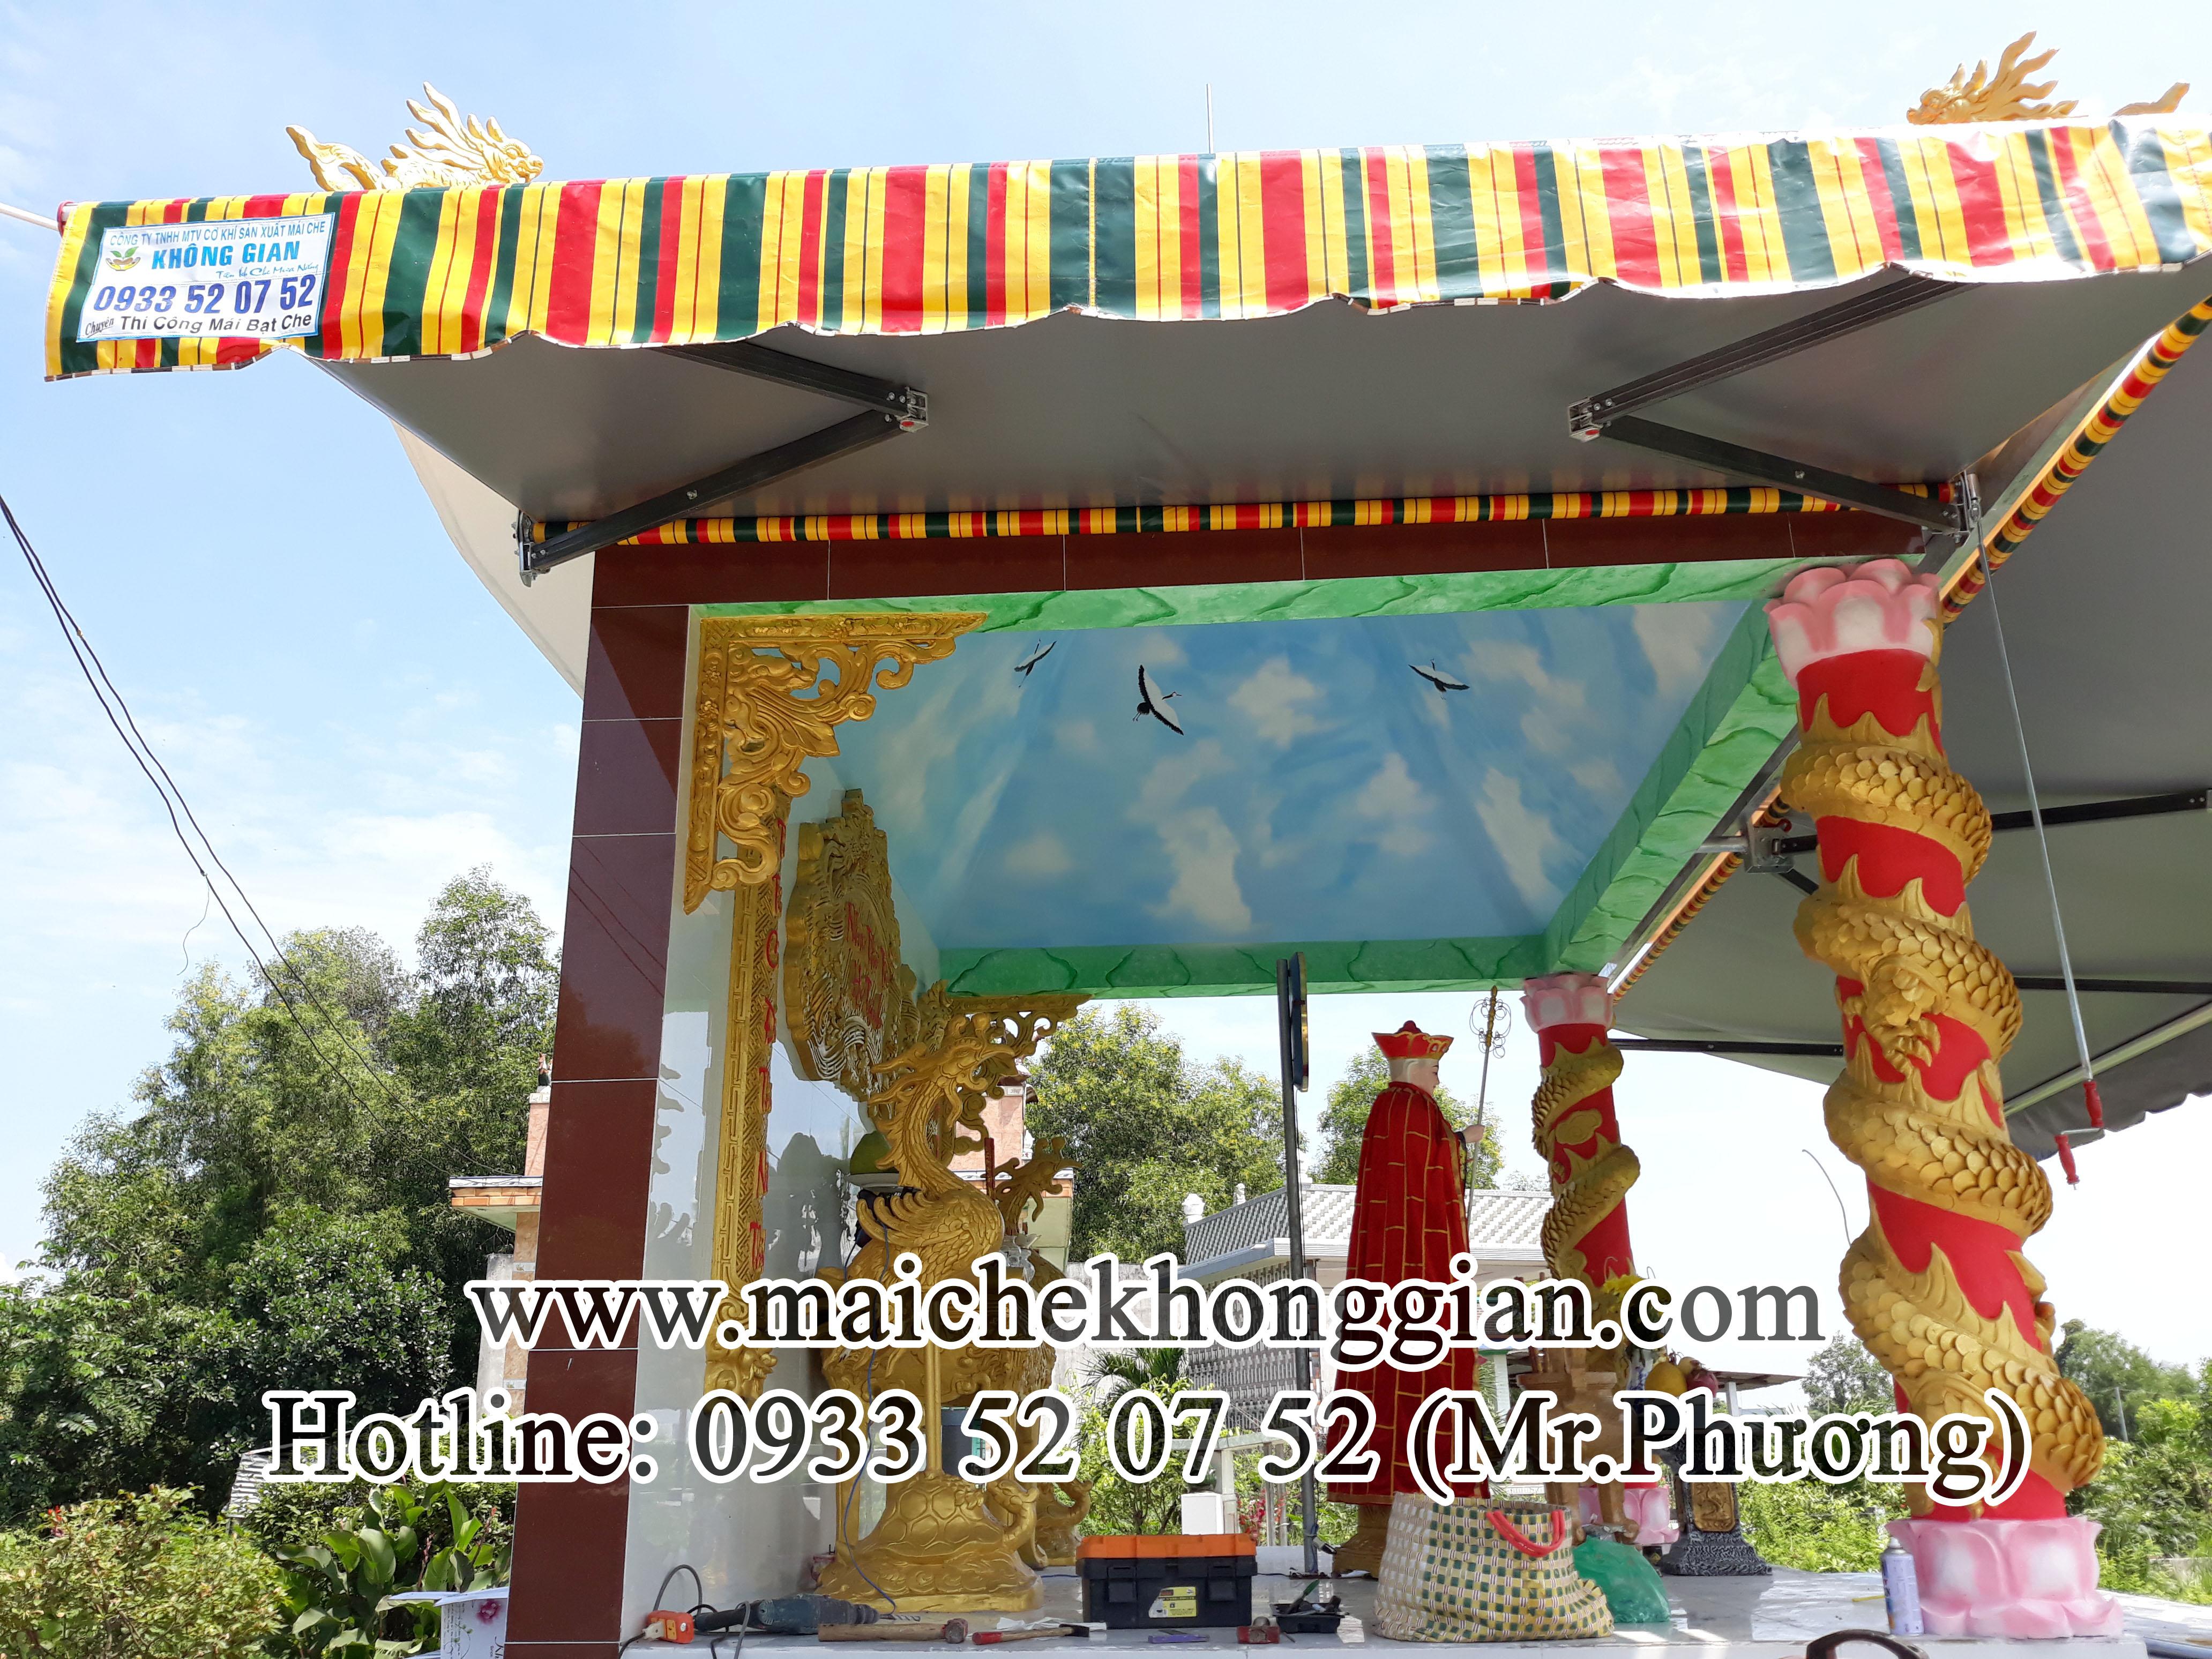 Mái Hiên Quay Huyện Bình Tân Vĩnh Long